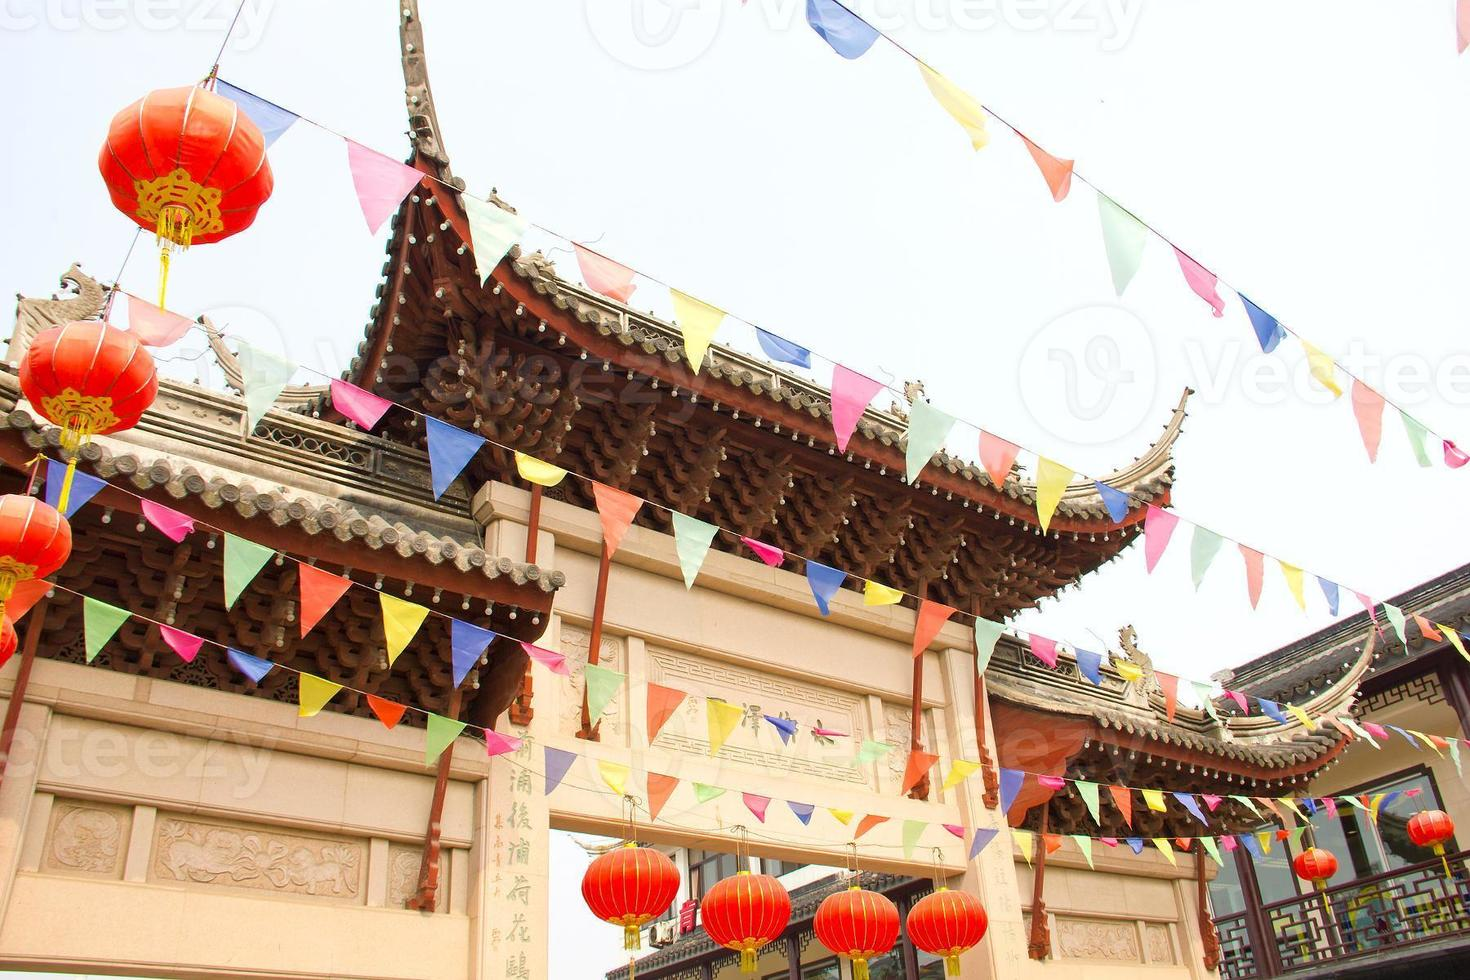 banderas de colores en suzhou, china foto